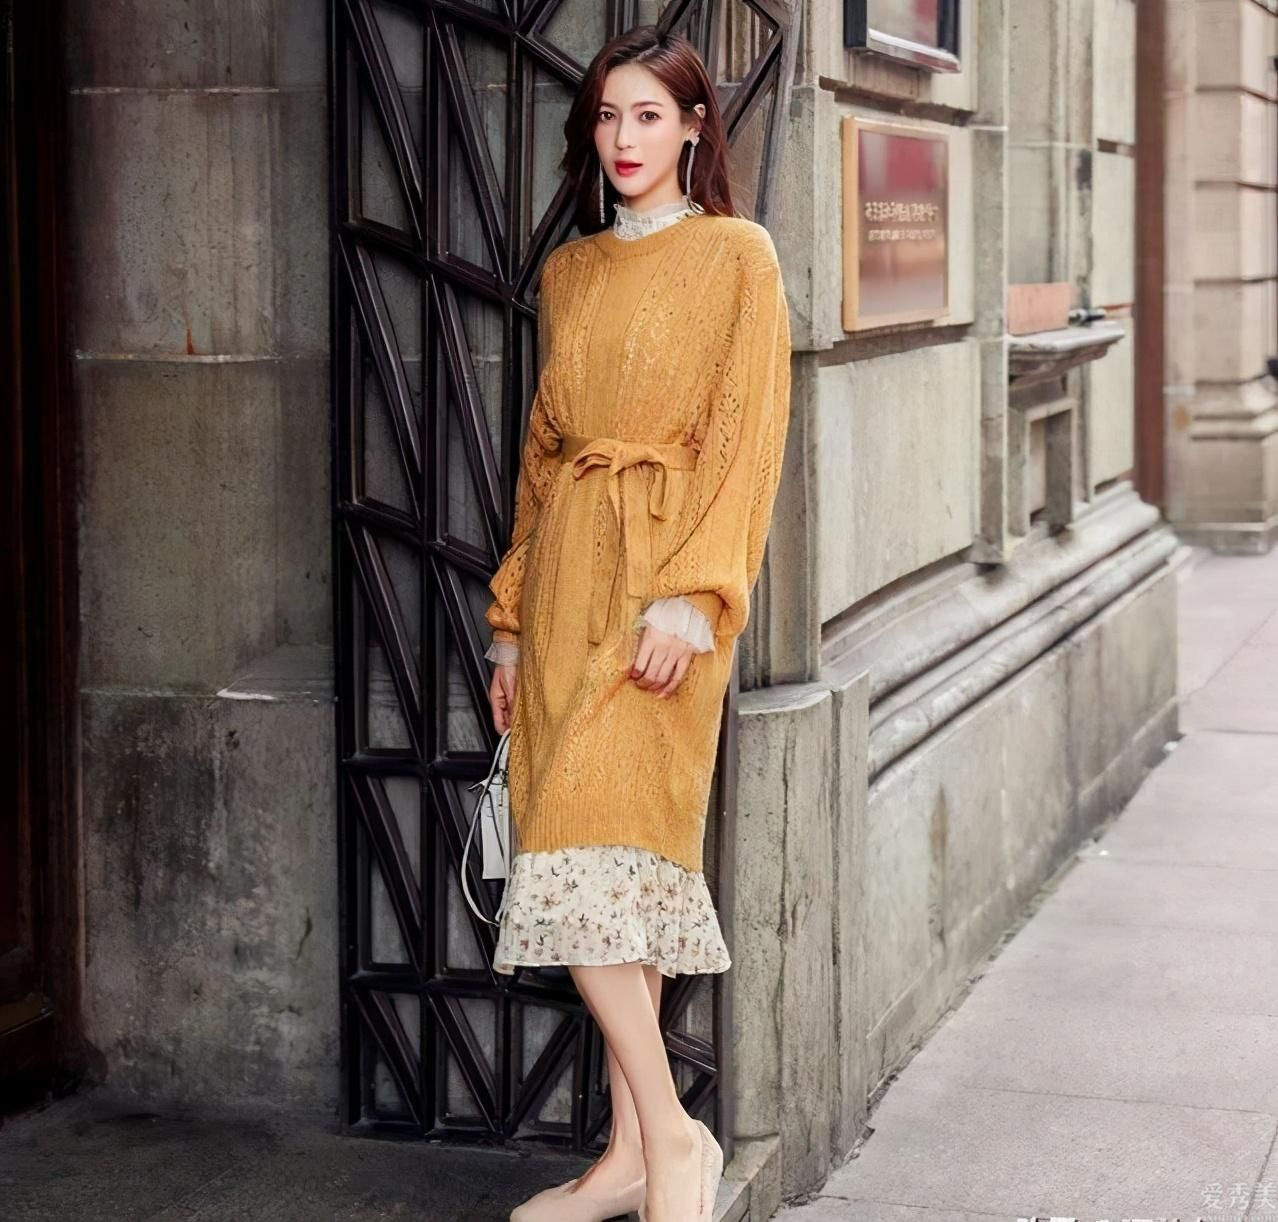 今秋流行的針織連衣裙,演繹秋季所有的溫柔穿衣搭配,簡約舒適又高級